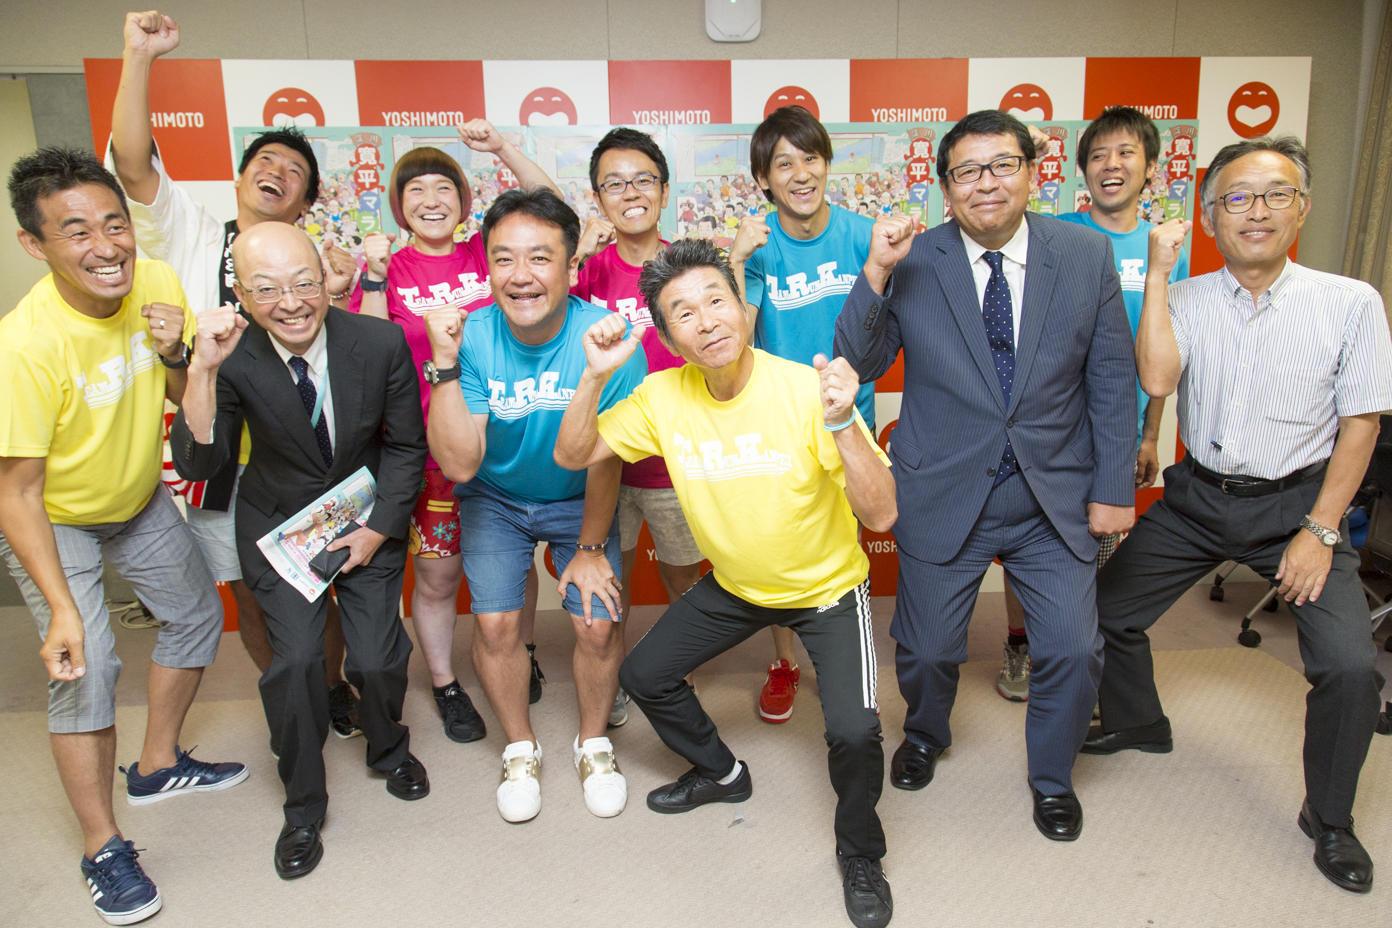 http://news.yoshimoto.co.jp/20170830175845-38842e3828b25d3d8df5a093ca1f352239d368ed.jpg